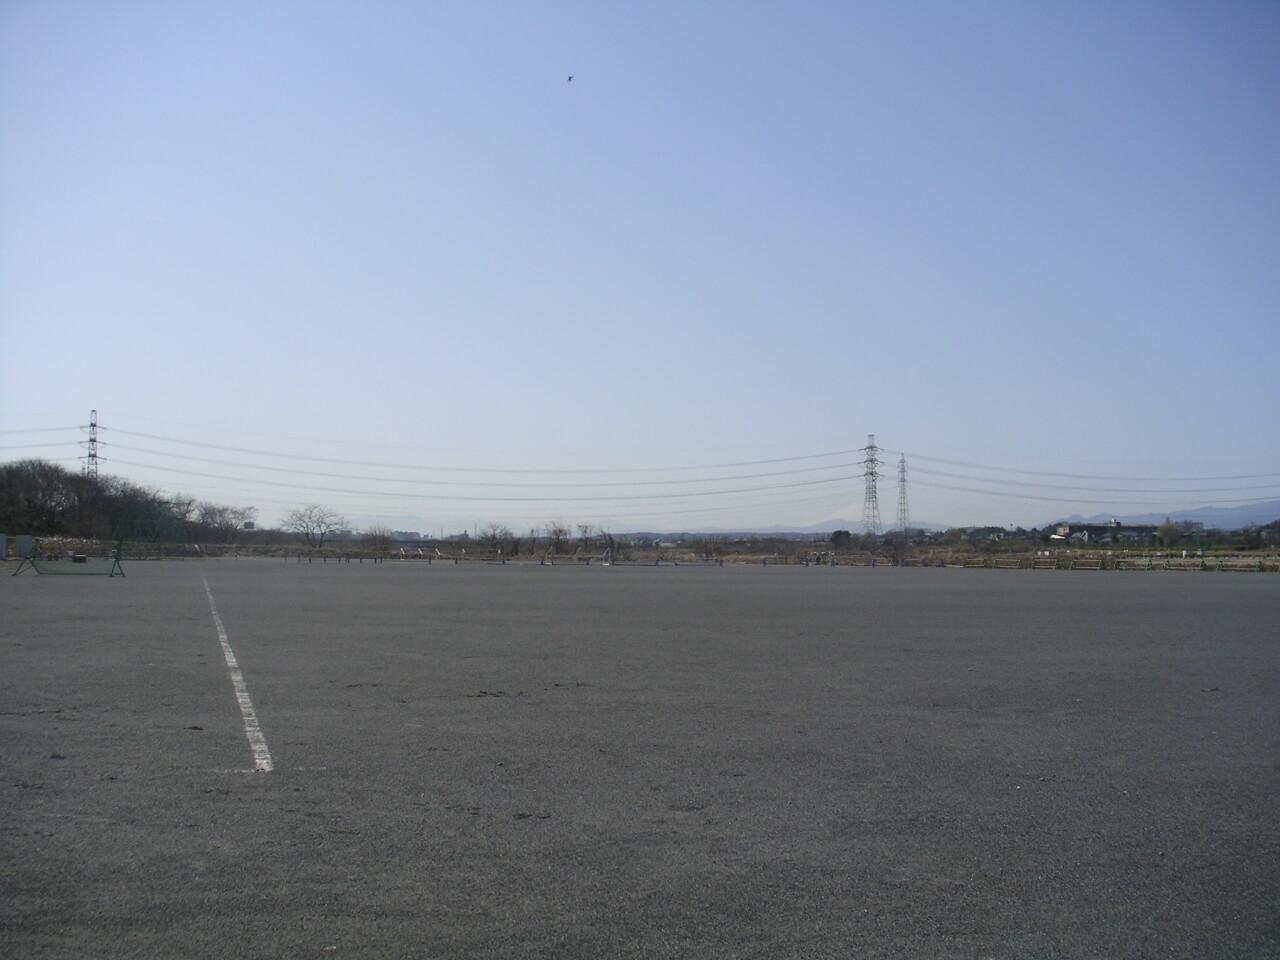 下奥富運動公園(野球場/サッカー場)